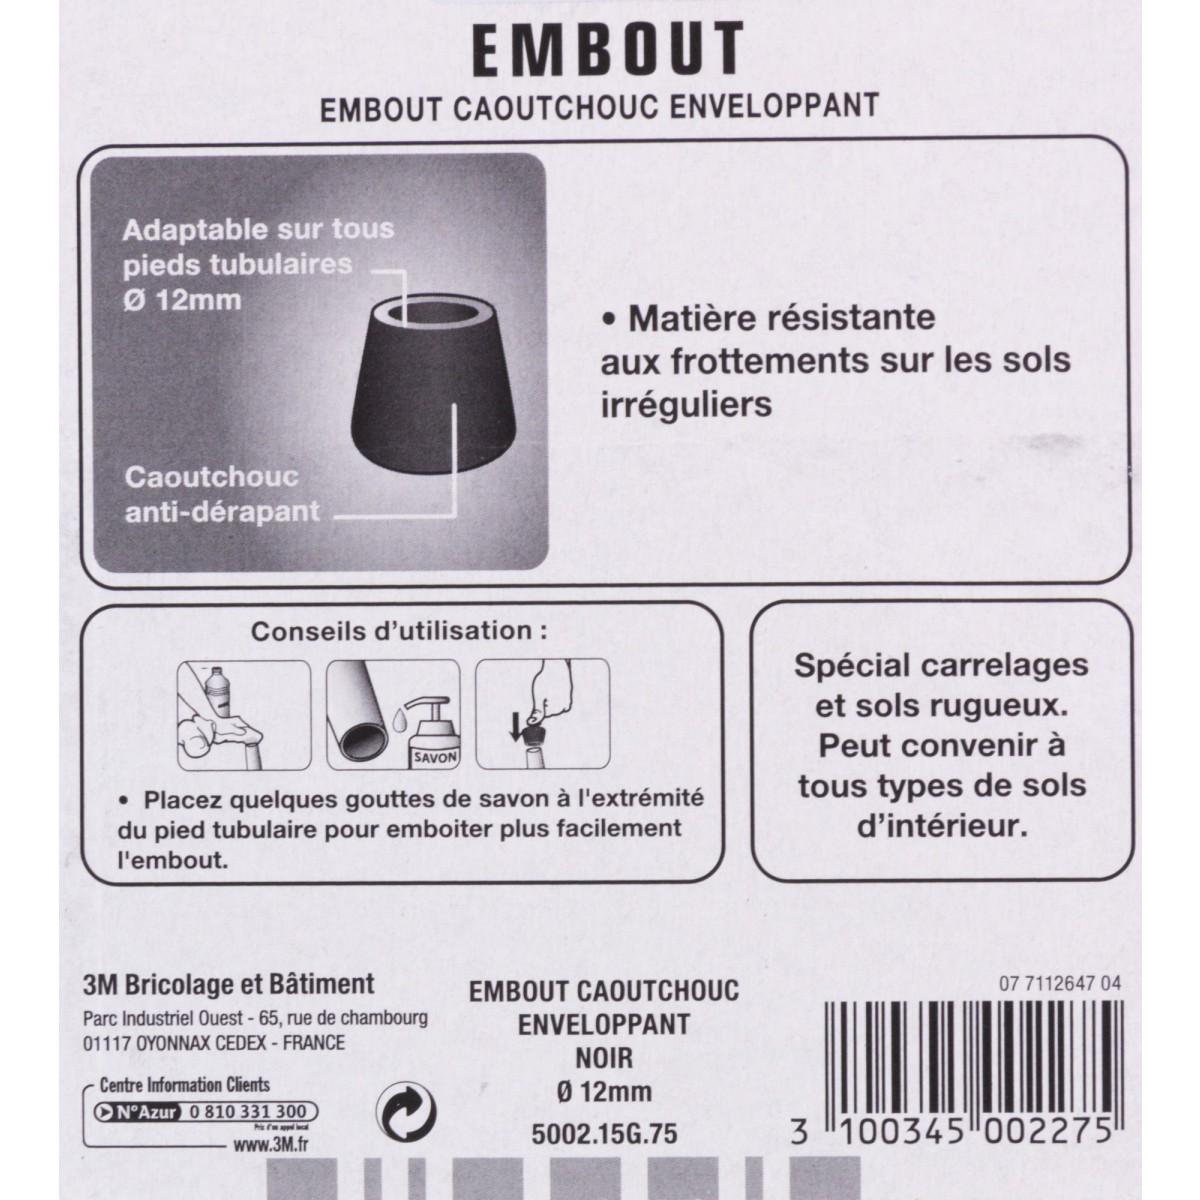 Embout caoutchouc enveloppant antidérapant 3M - Diamètre 12 mm - Vendu par 4